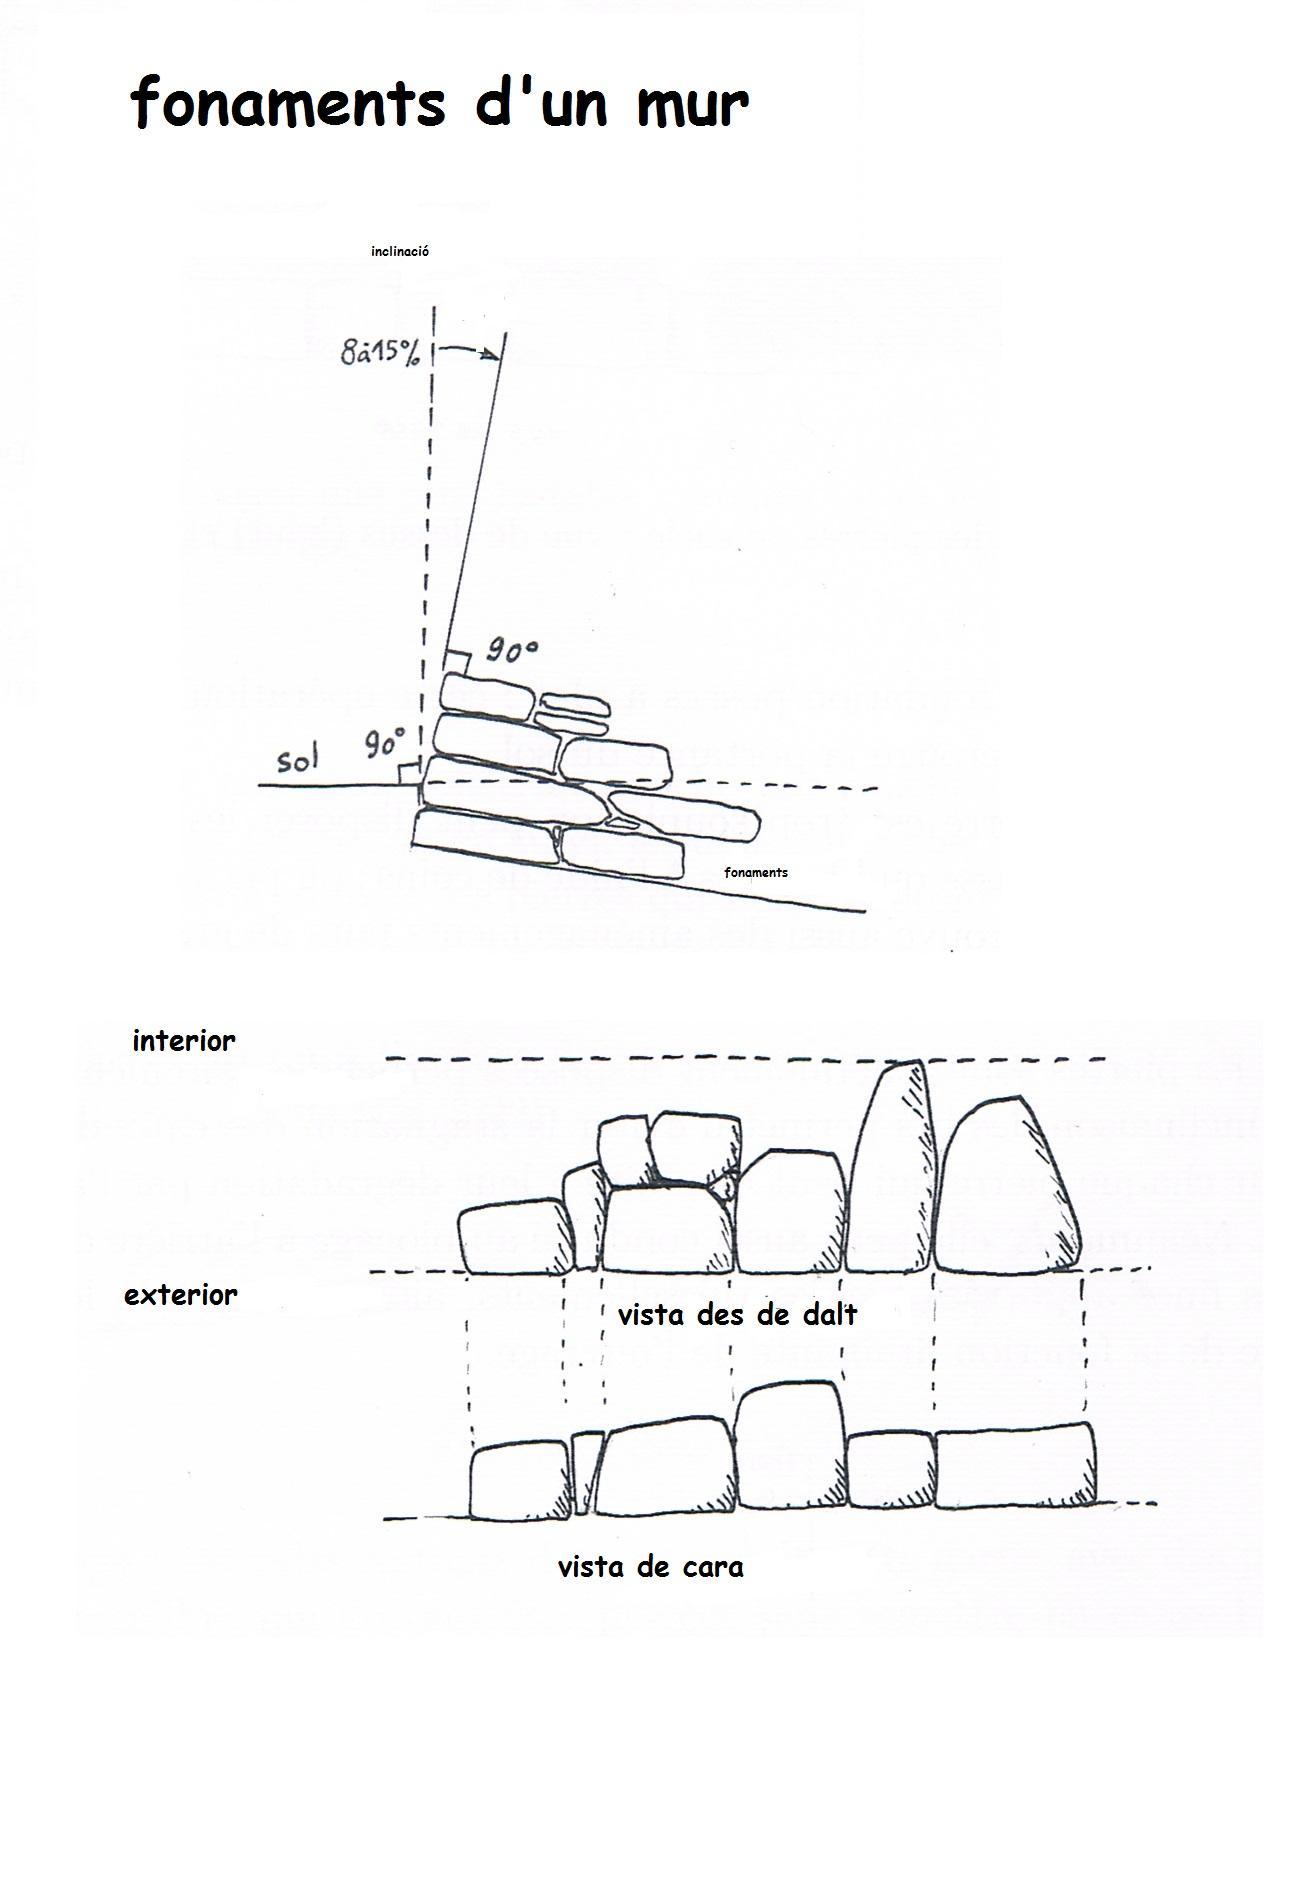 24fonaments d'un mur